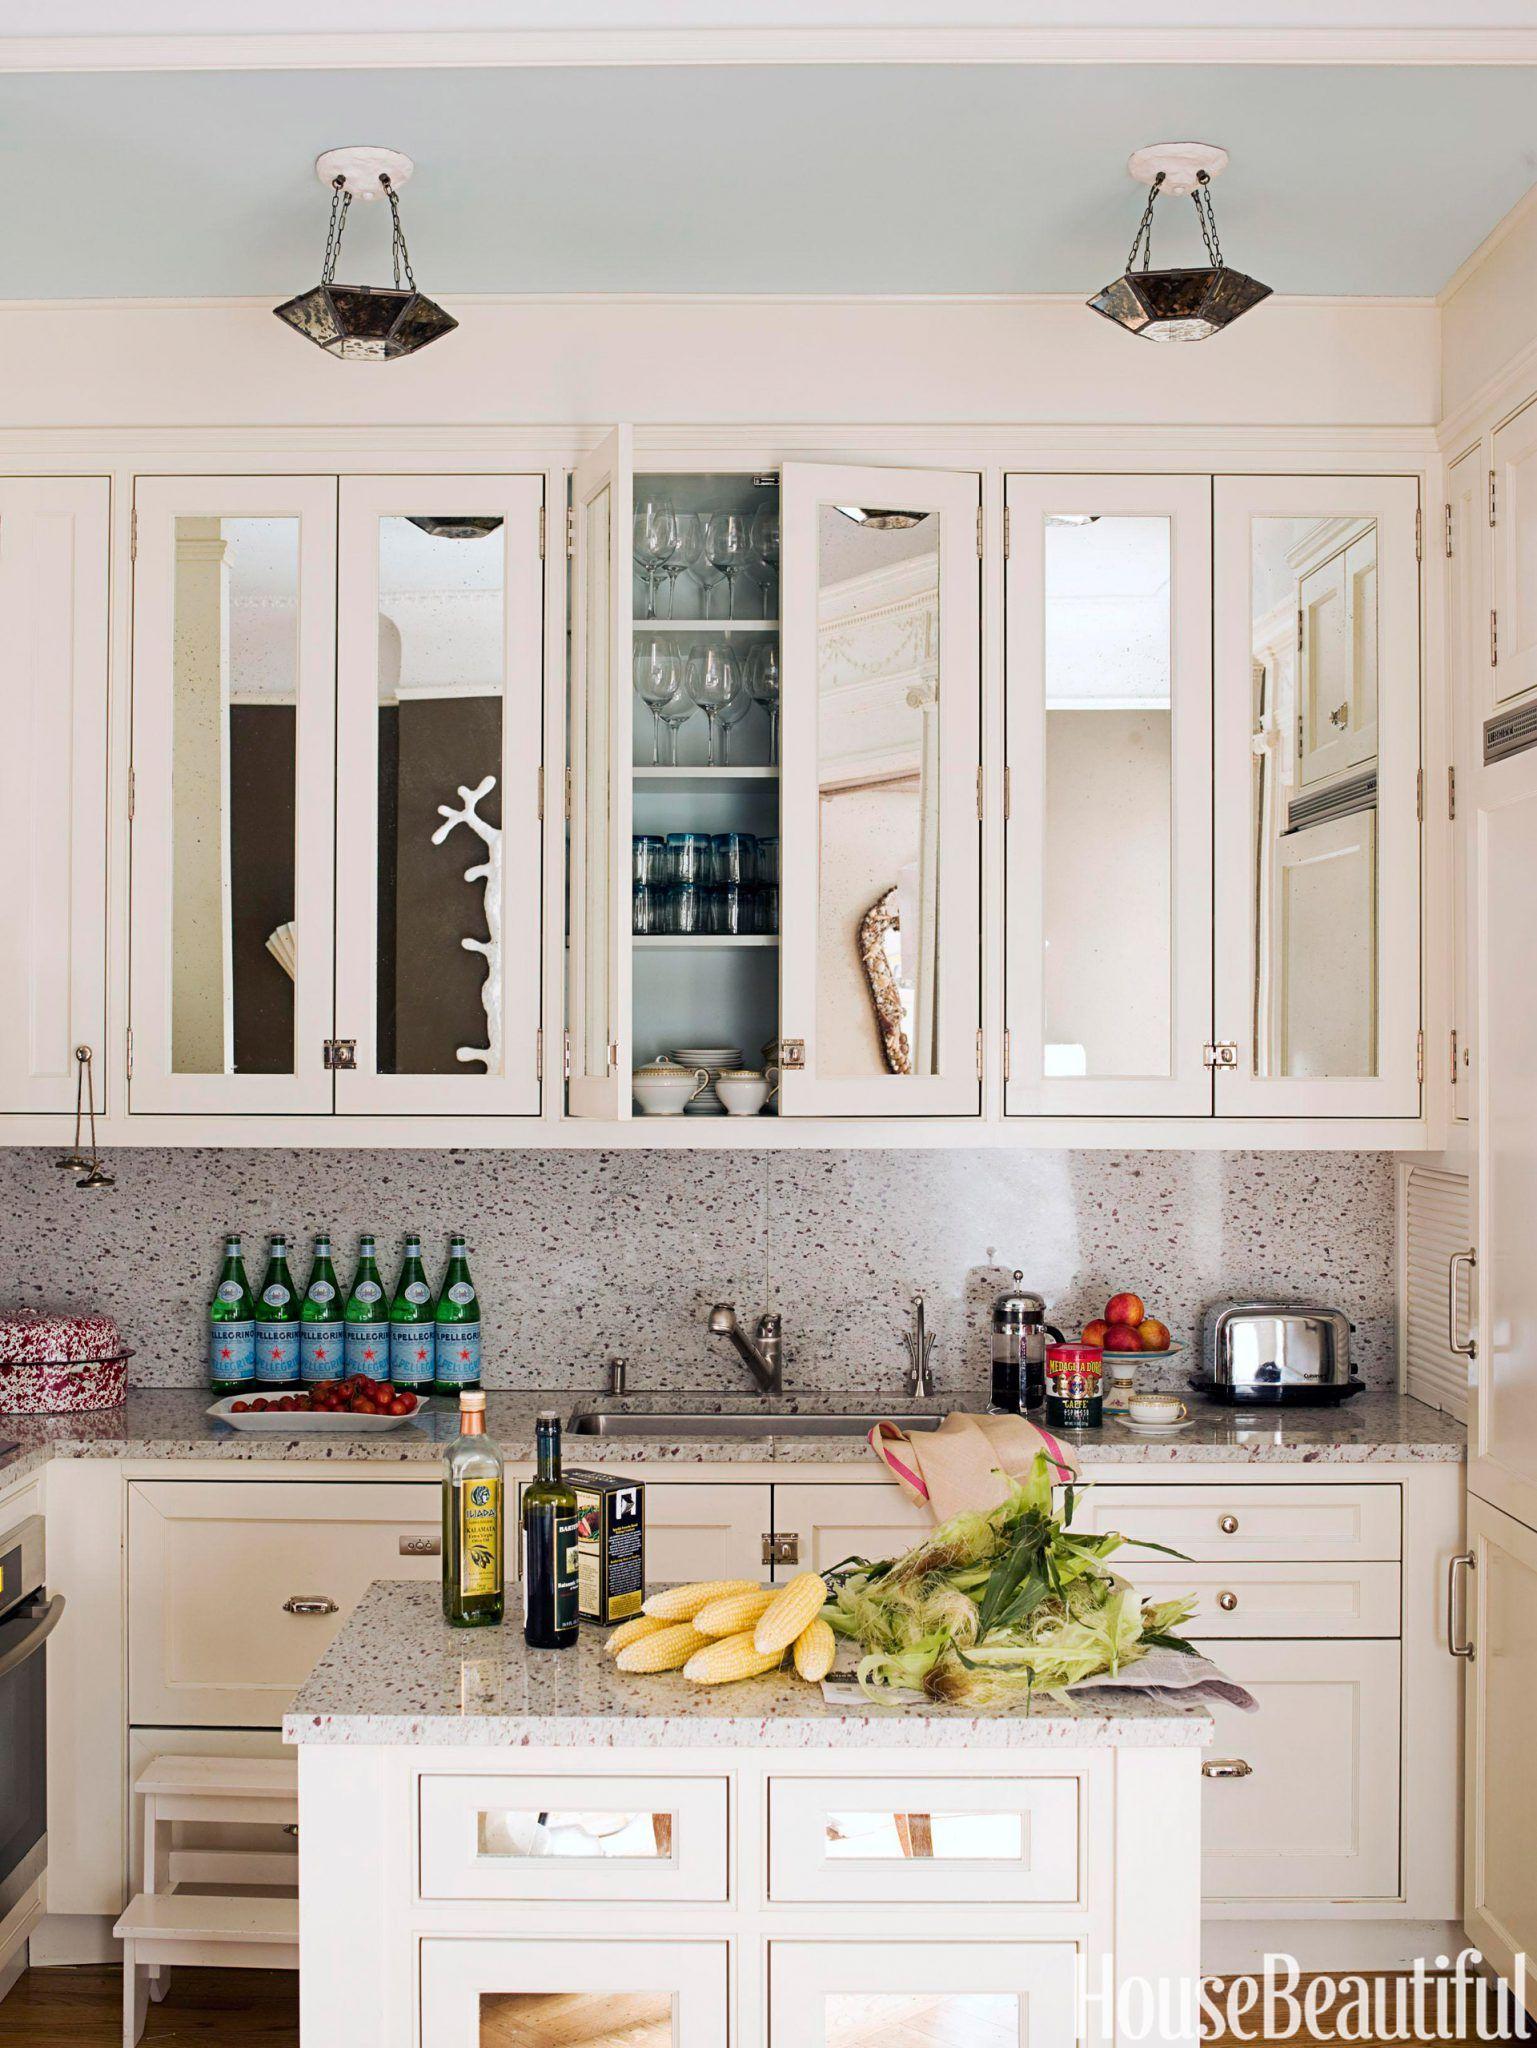 Küchenideen für weiße schränke  tipps zum bau kleiner küche remodeling ideen auf ein budget in